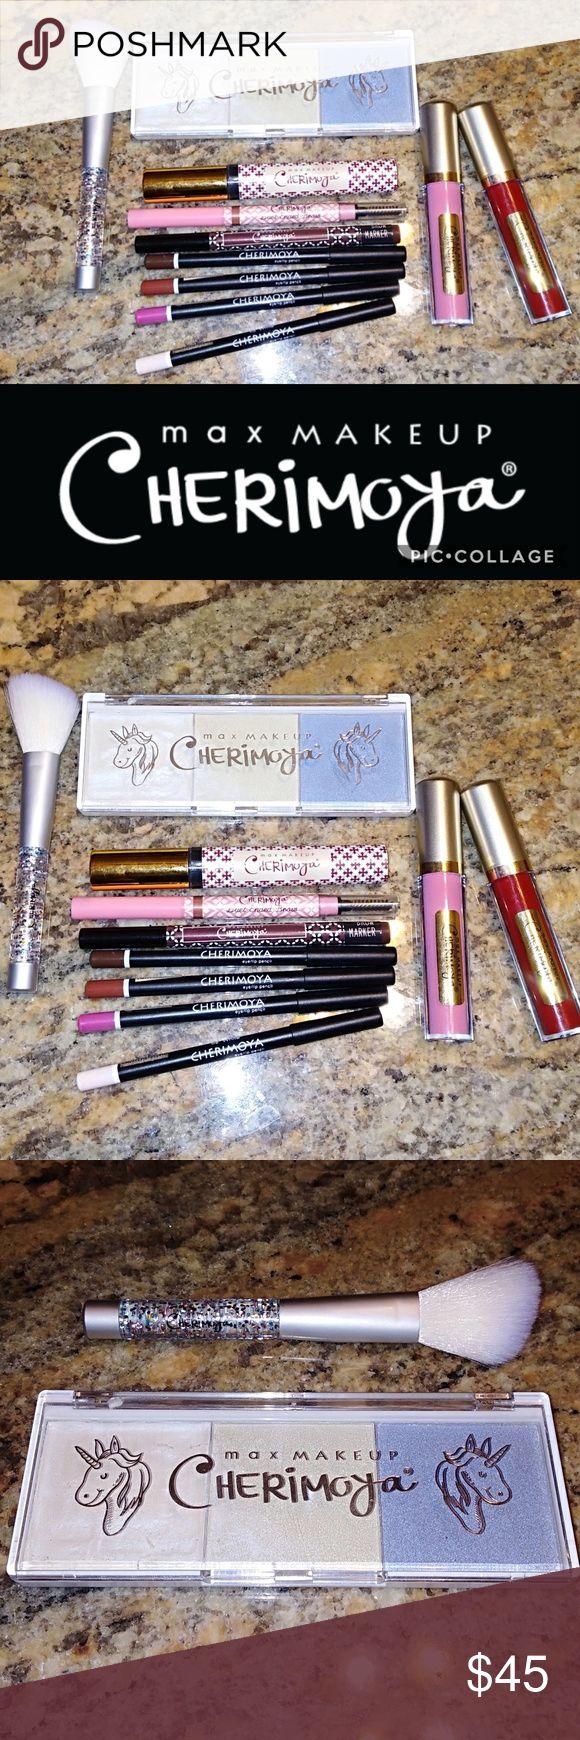 Max Makeup Cherimoya Bundle 🎁🎁 Open to Offers Max Makeup